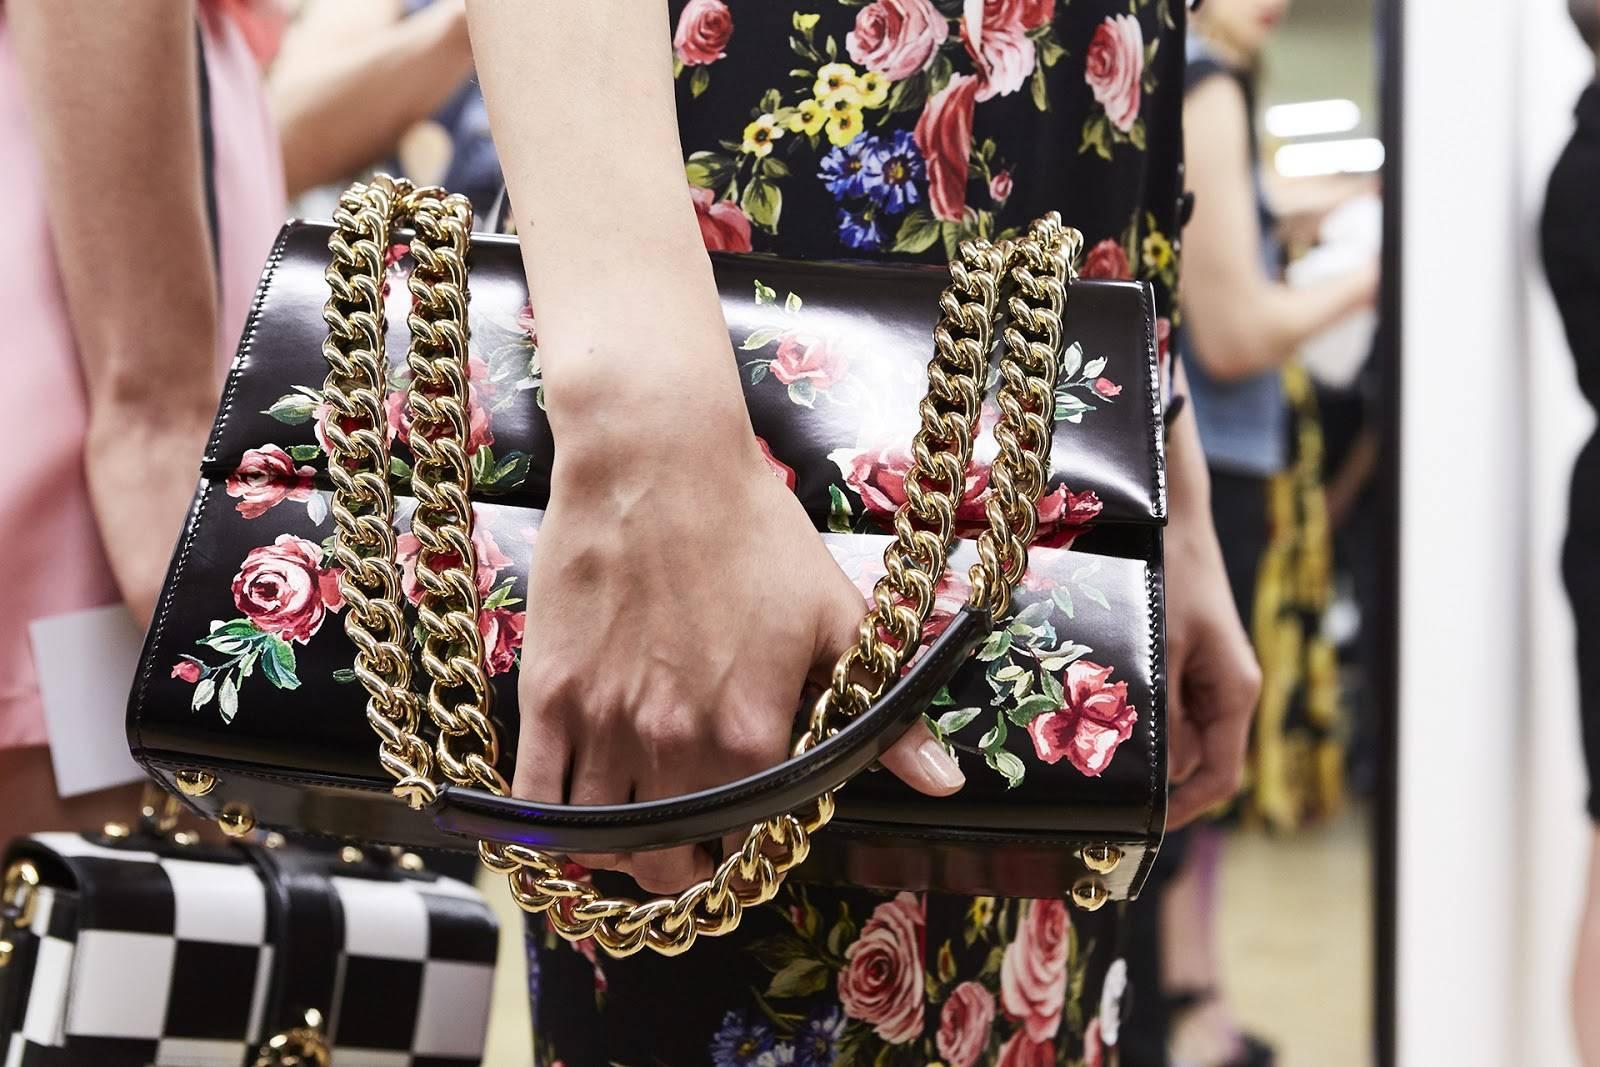 Fique de olho nesta tendência: bolsas-joias para esta temporada